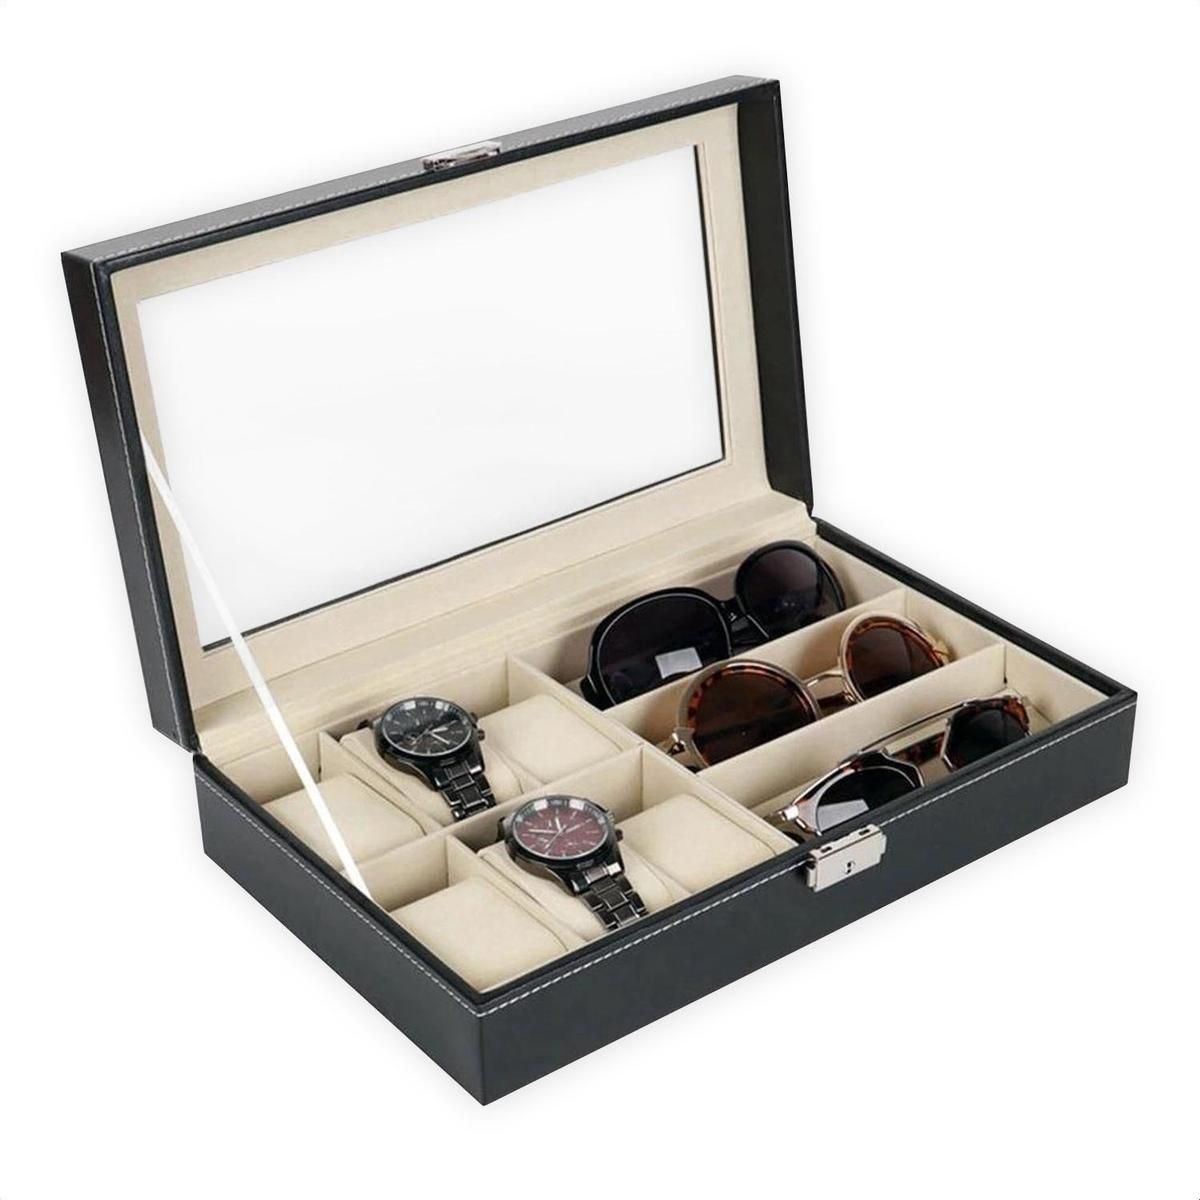 Luxe Brillen Opbergbox - Sieraden Display -  6 Horloge Compartimenten + 3 Brilles Opbergvakken - Con